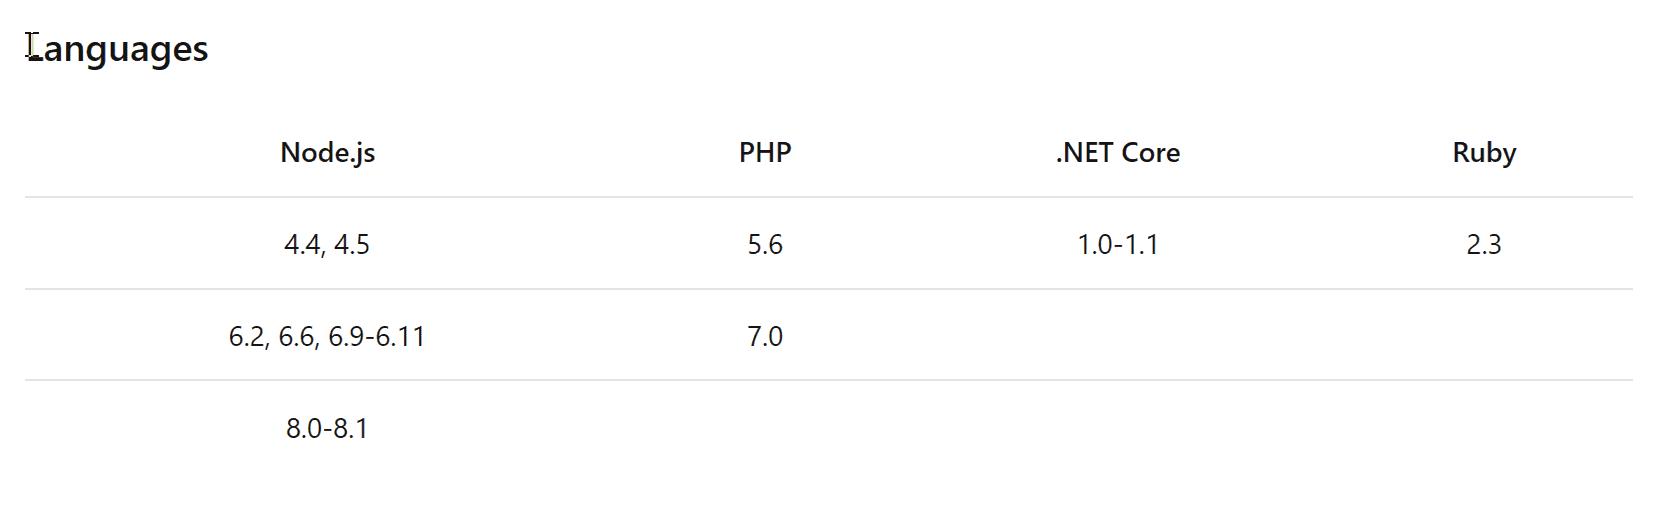 Languages  Node.js  4.4, 4.5  6.2, 6.6, 6.9-6.11  8.0-8.1  .NET Core  1.0-1.1  Ruby  2.3  5.6  7.0